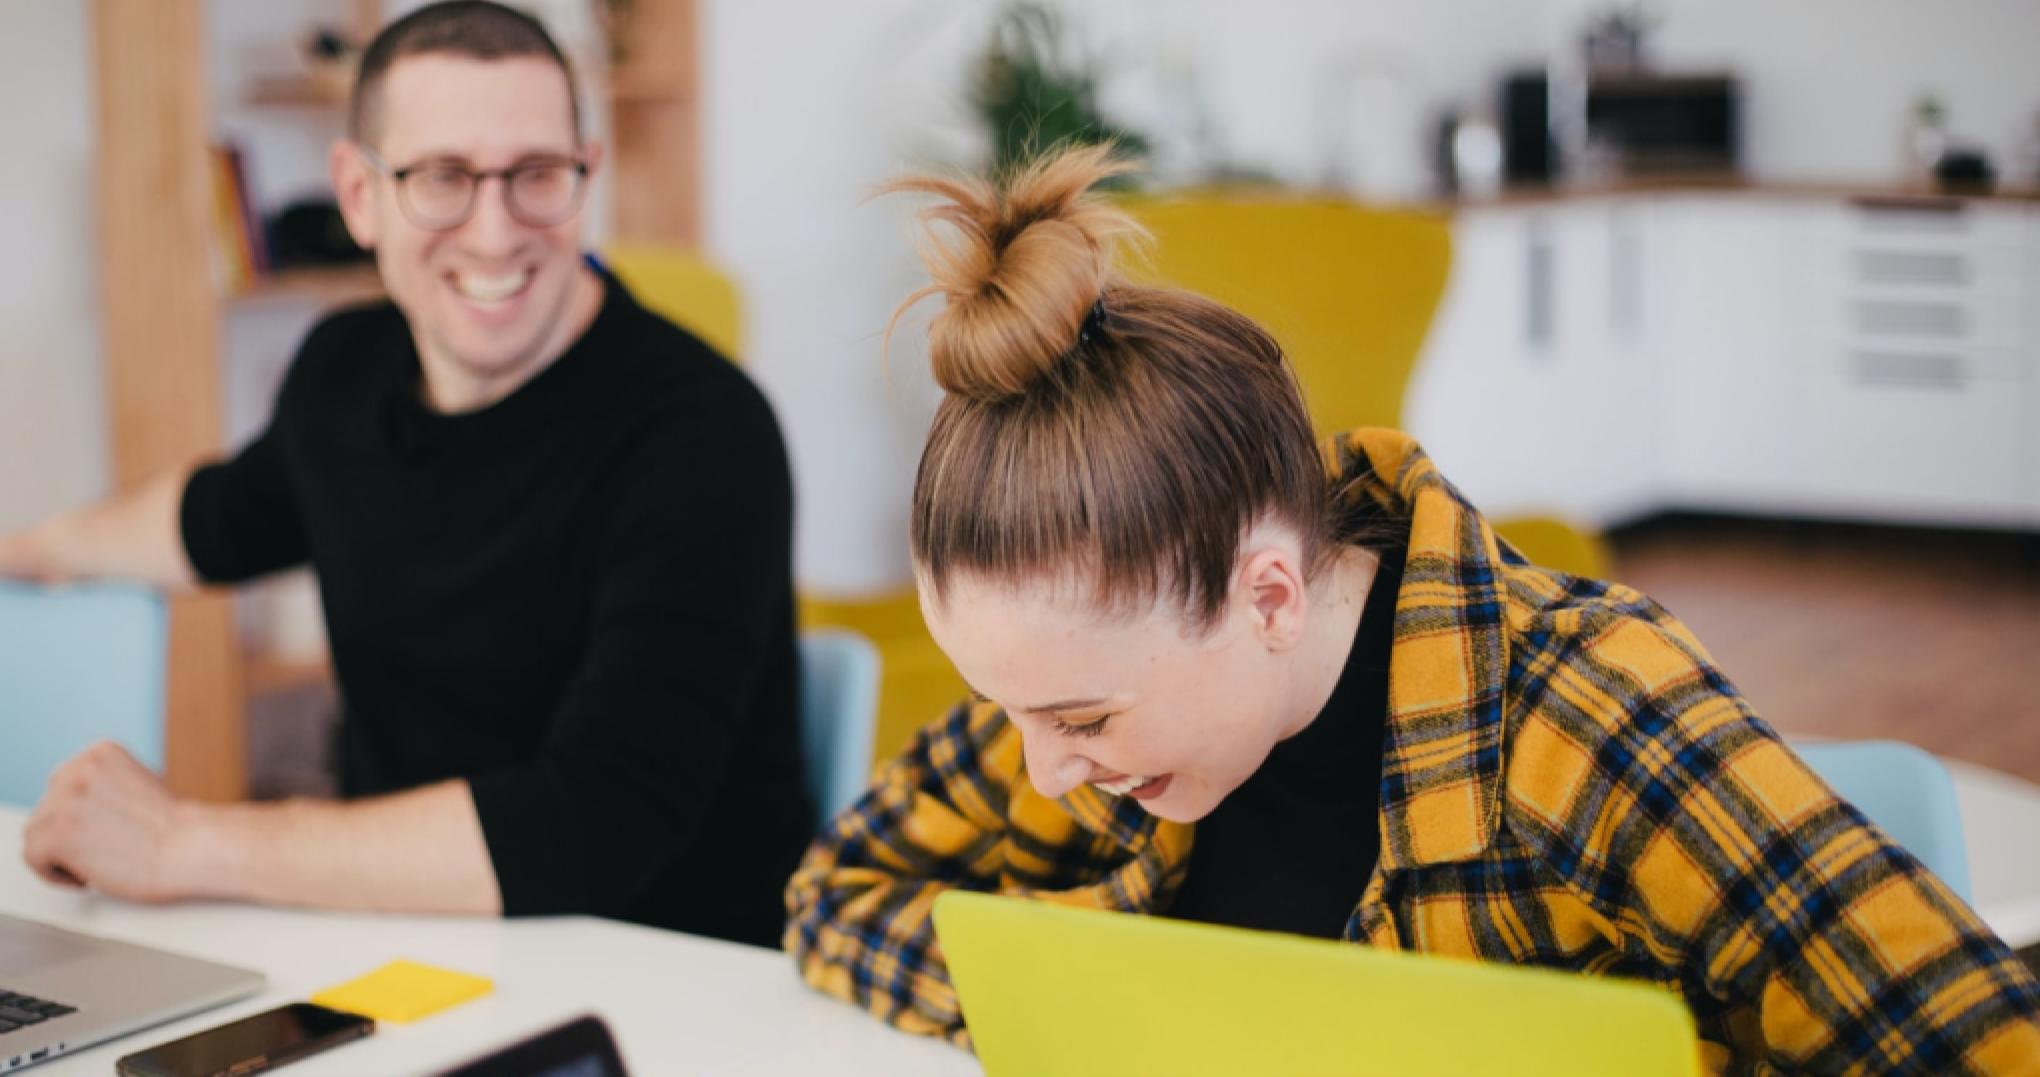 Des employés heureux en 2021 : Mission impossible ?